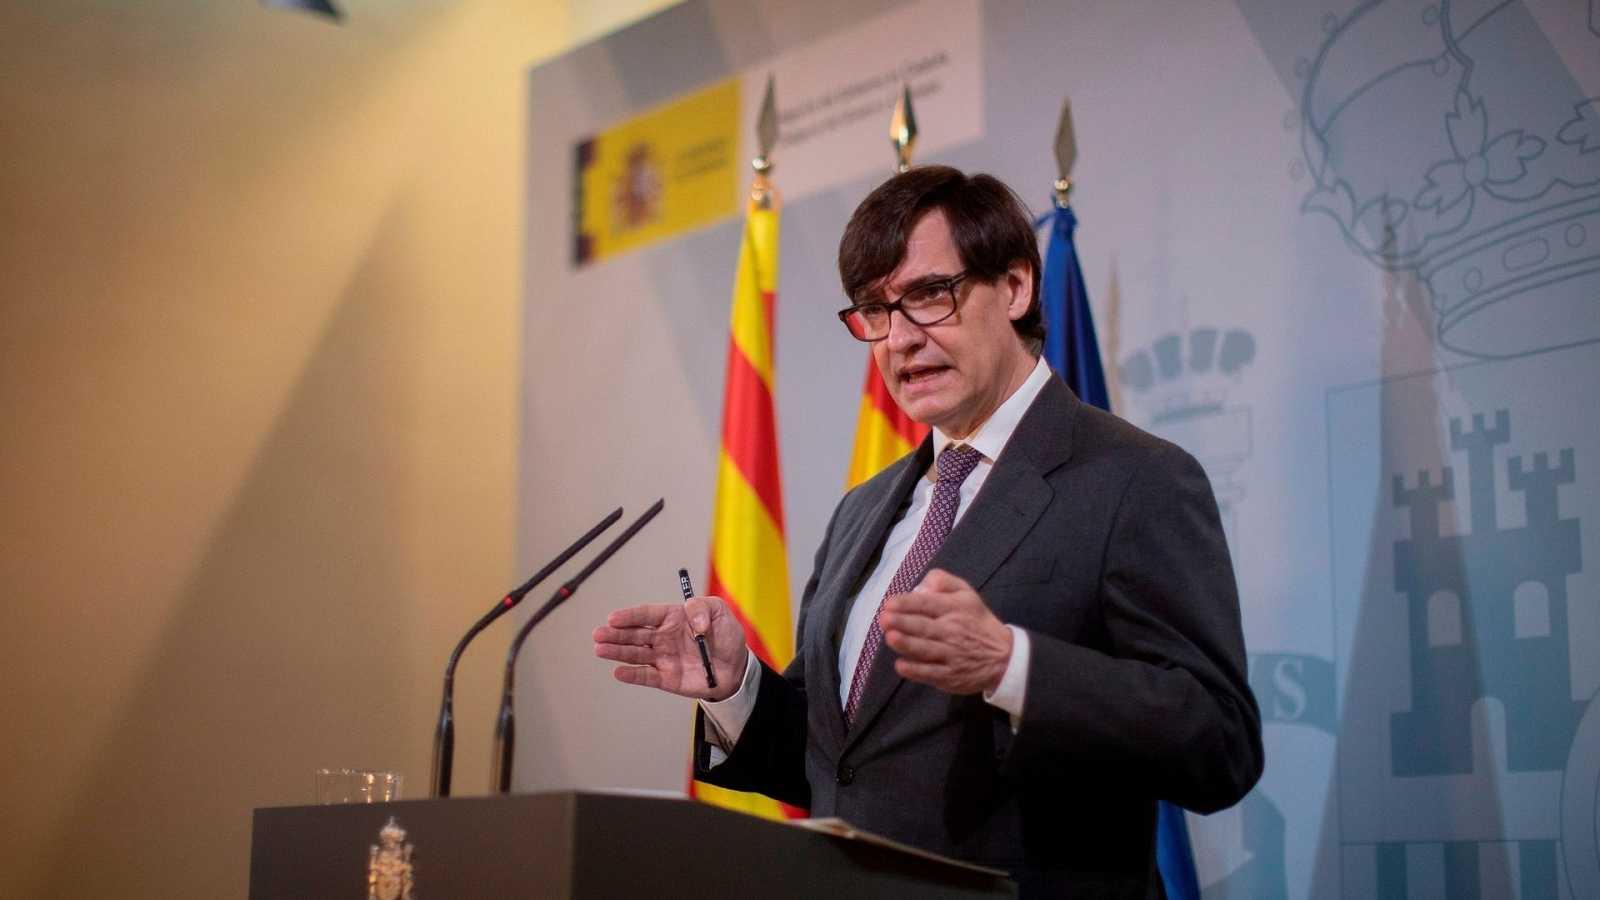 Boletines RNE - El PSC ganarías las elecciones en Cataluña, según el CIS - Escuchar ahora